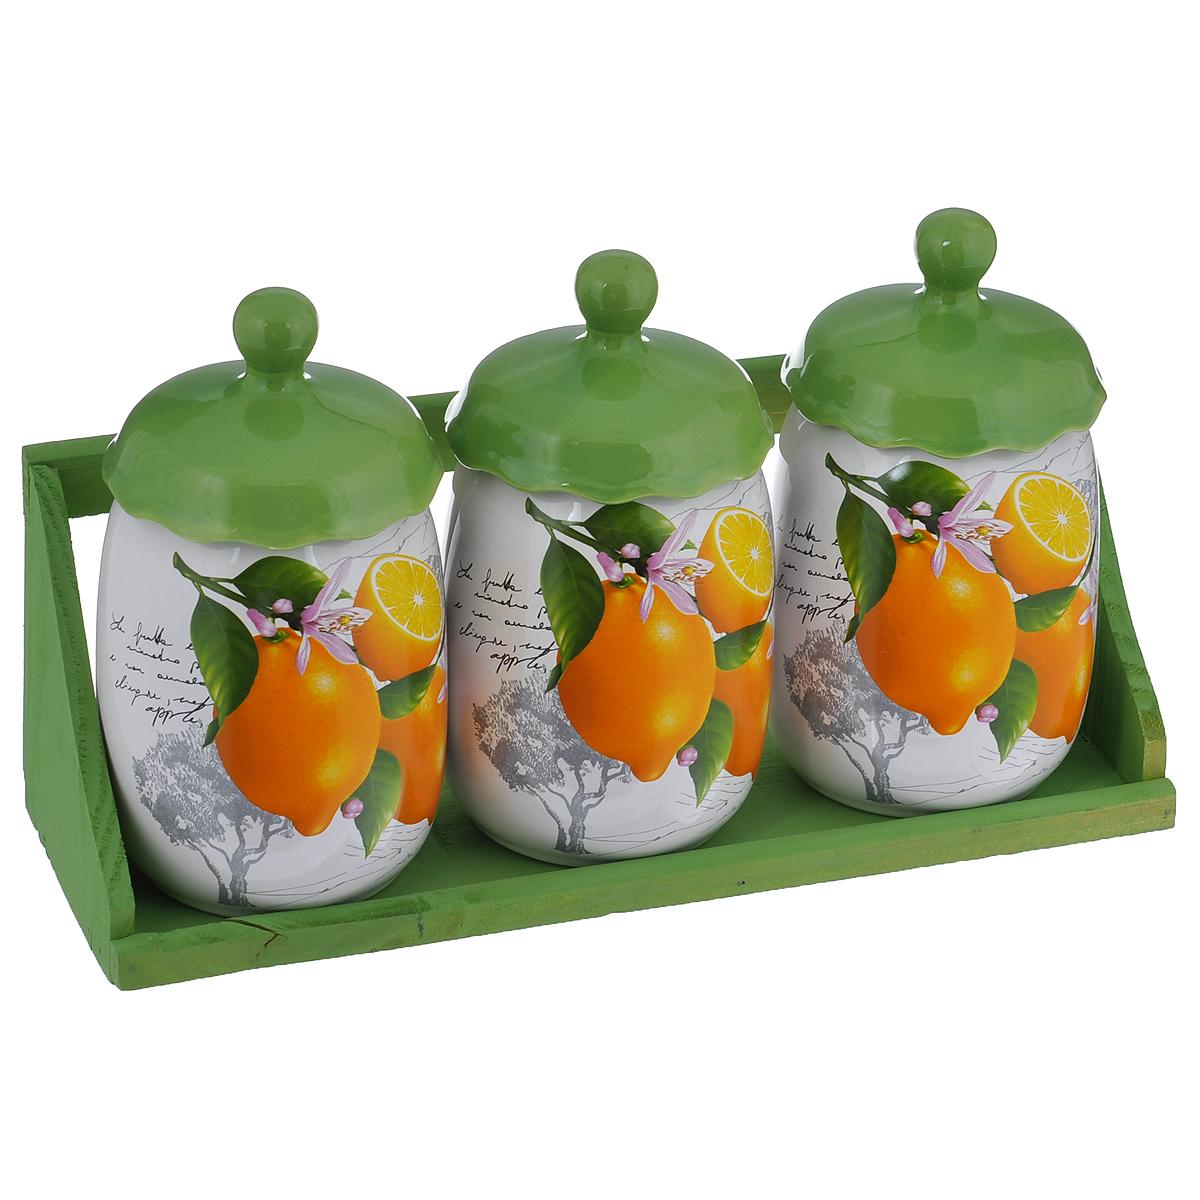 Набор банок для хранения сыпучих продуктов Лимоны, цвет: зеленый, белый, 4 предметаDFC00119-02207 3/SНабор Лимоны состоит из трех больших банок и подставки. Предметы набора изготовлены из доломитовой керамики и декорированы изображением лимонов. Изделия помещаются на удобную деревянную подставку. Оригинальный дизайн, эстетичность и функциональность набора позволят ему стать достойным дополнением к кухонному инвентарю. Можно мыть в посудомоечной машине на минимальной температуре. Диаметр основания: 7,5 см. Высота емкости (без учета крышки): 13 см. Размер подставки: 31,5 см х 11 см х 10,5 см.